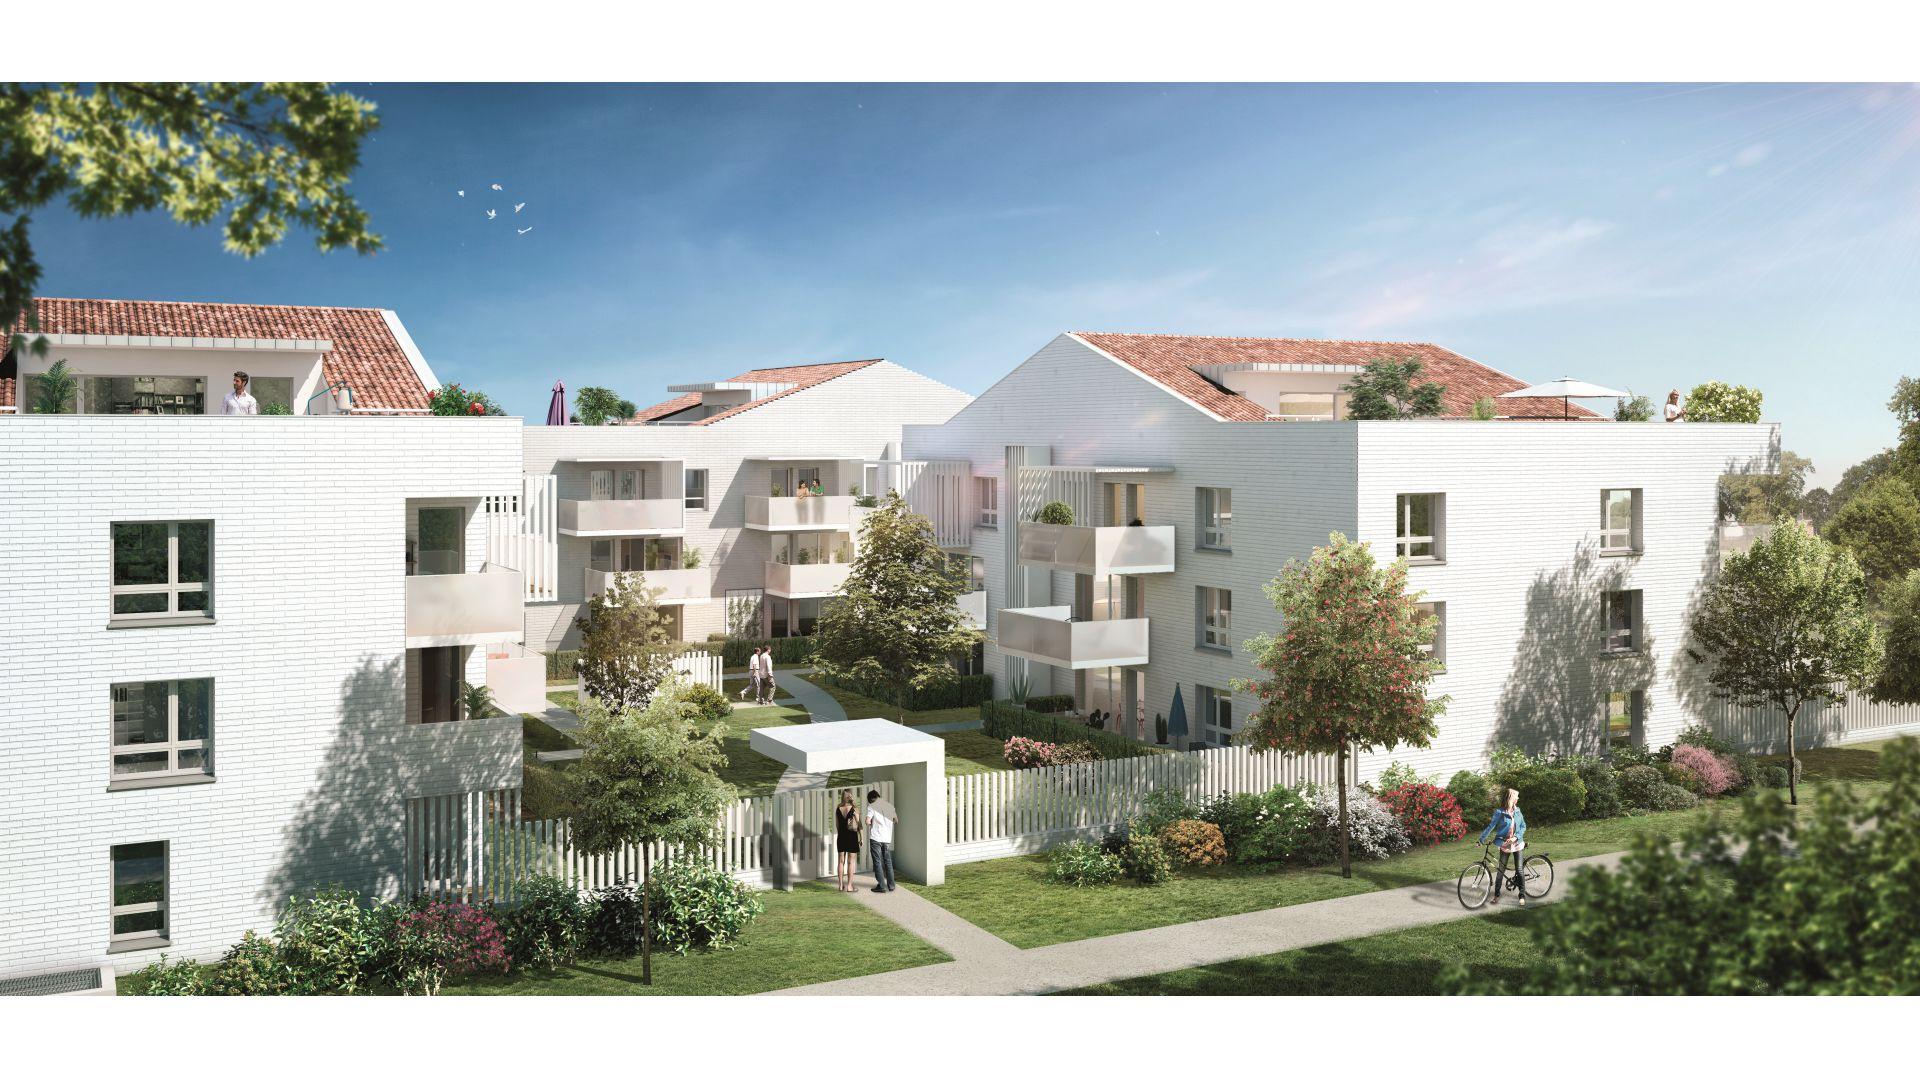 GreenCity immobilier - 31500 Toulouse Roseraie - Parc Romane - rue Louis Plana - appartements neufs du T1 au T4